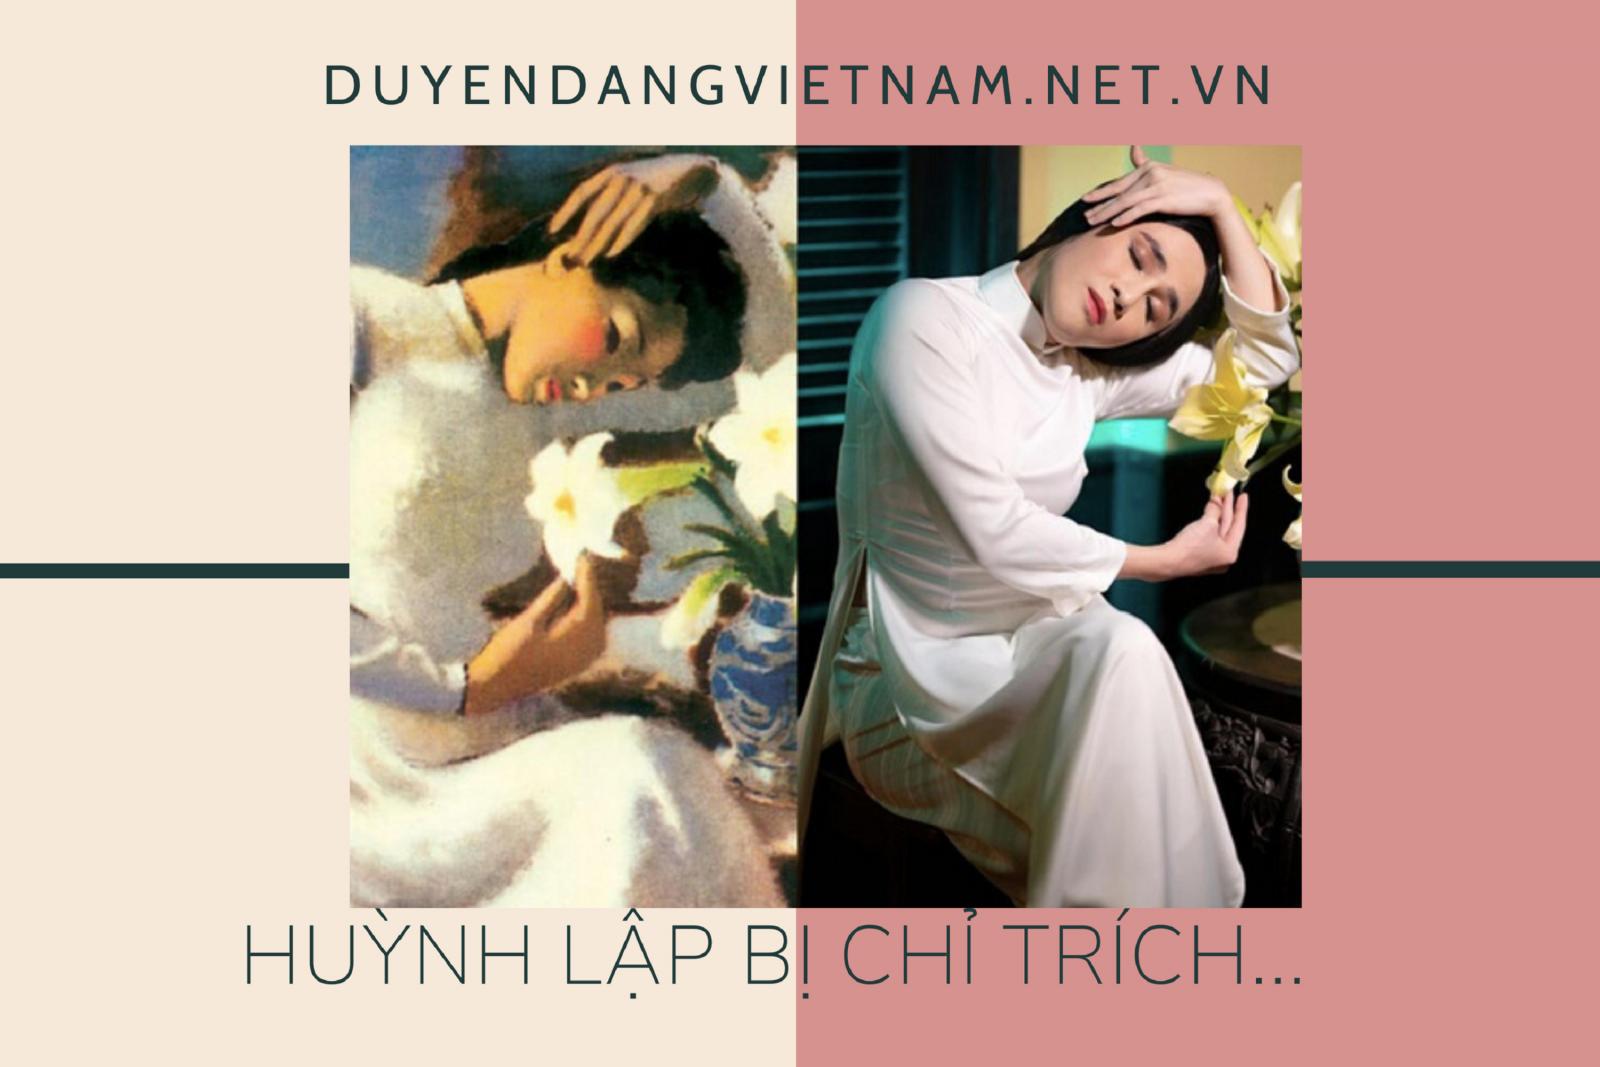 Huỳnh Lập nói gì khi bị chỉ trích 'nhại' tranh Thiếu nữ bên hoa huệ?